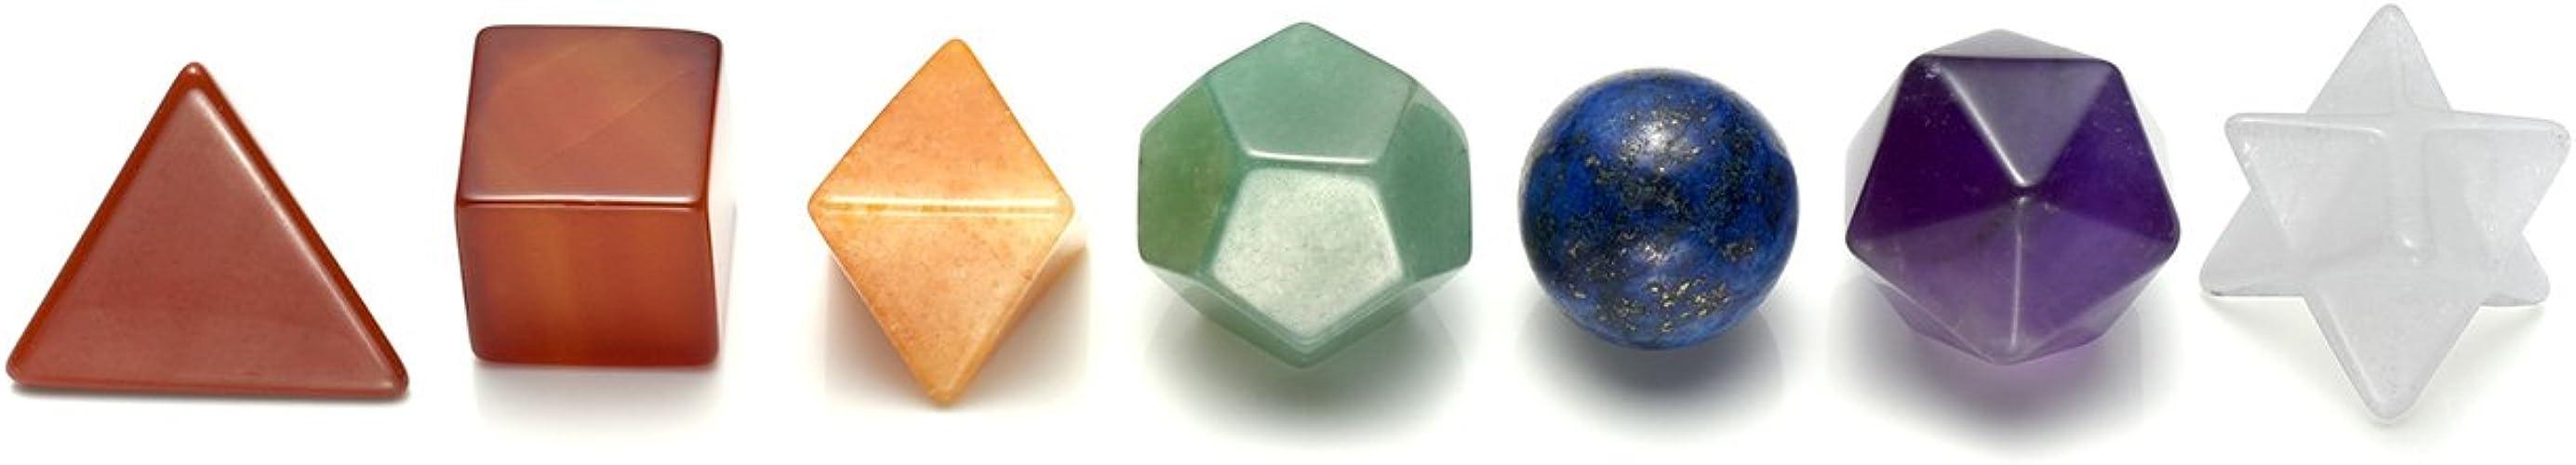 Dibiao 7Pcs Pierres de Chakra Couleurs Assorties Pierre de Cristal de Gu/érison Reiki Naturelle avec Symboles Grav/és